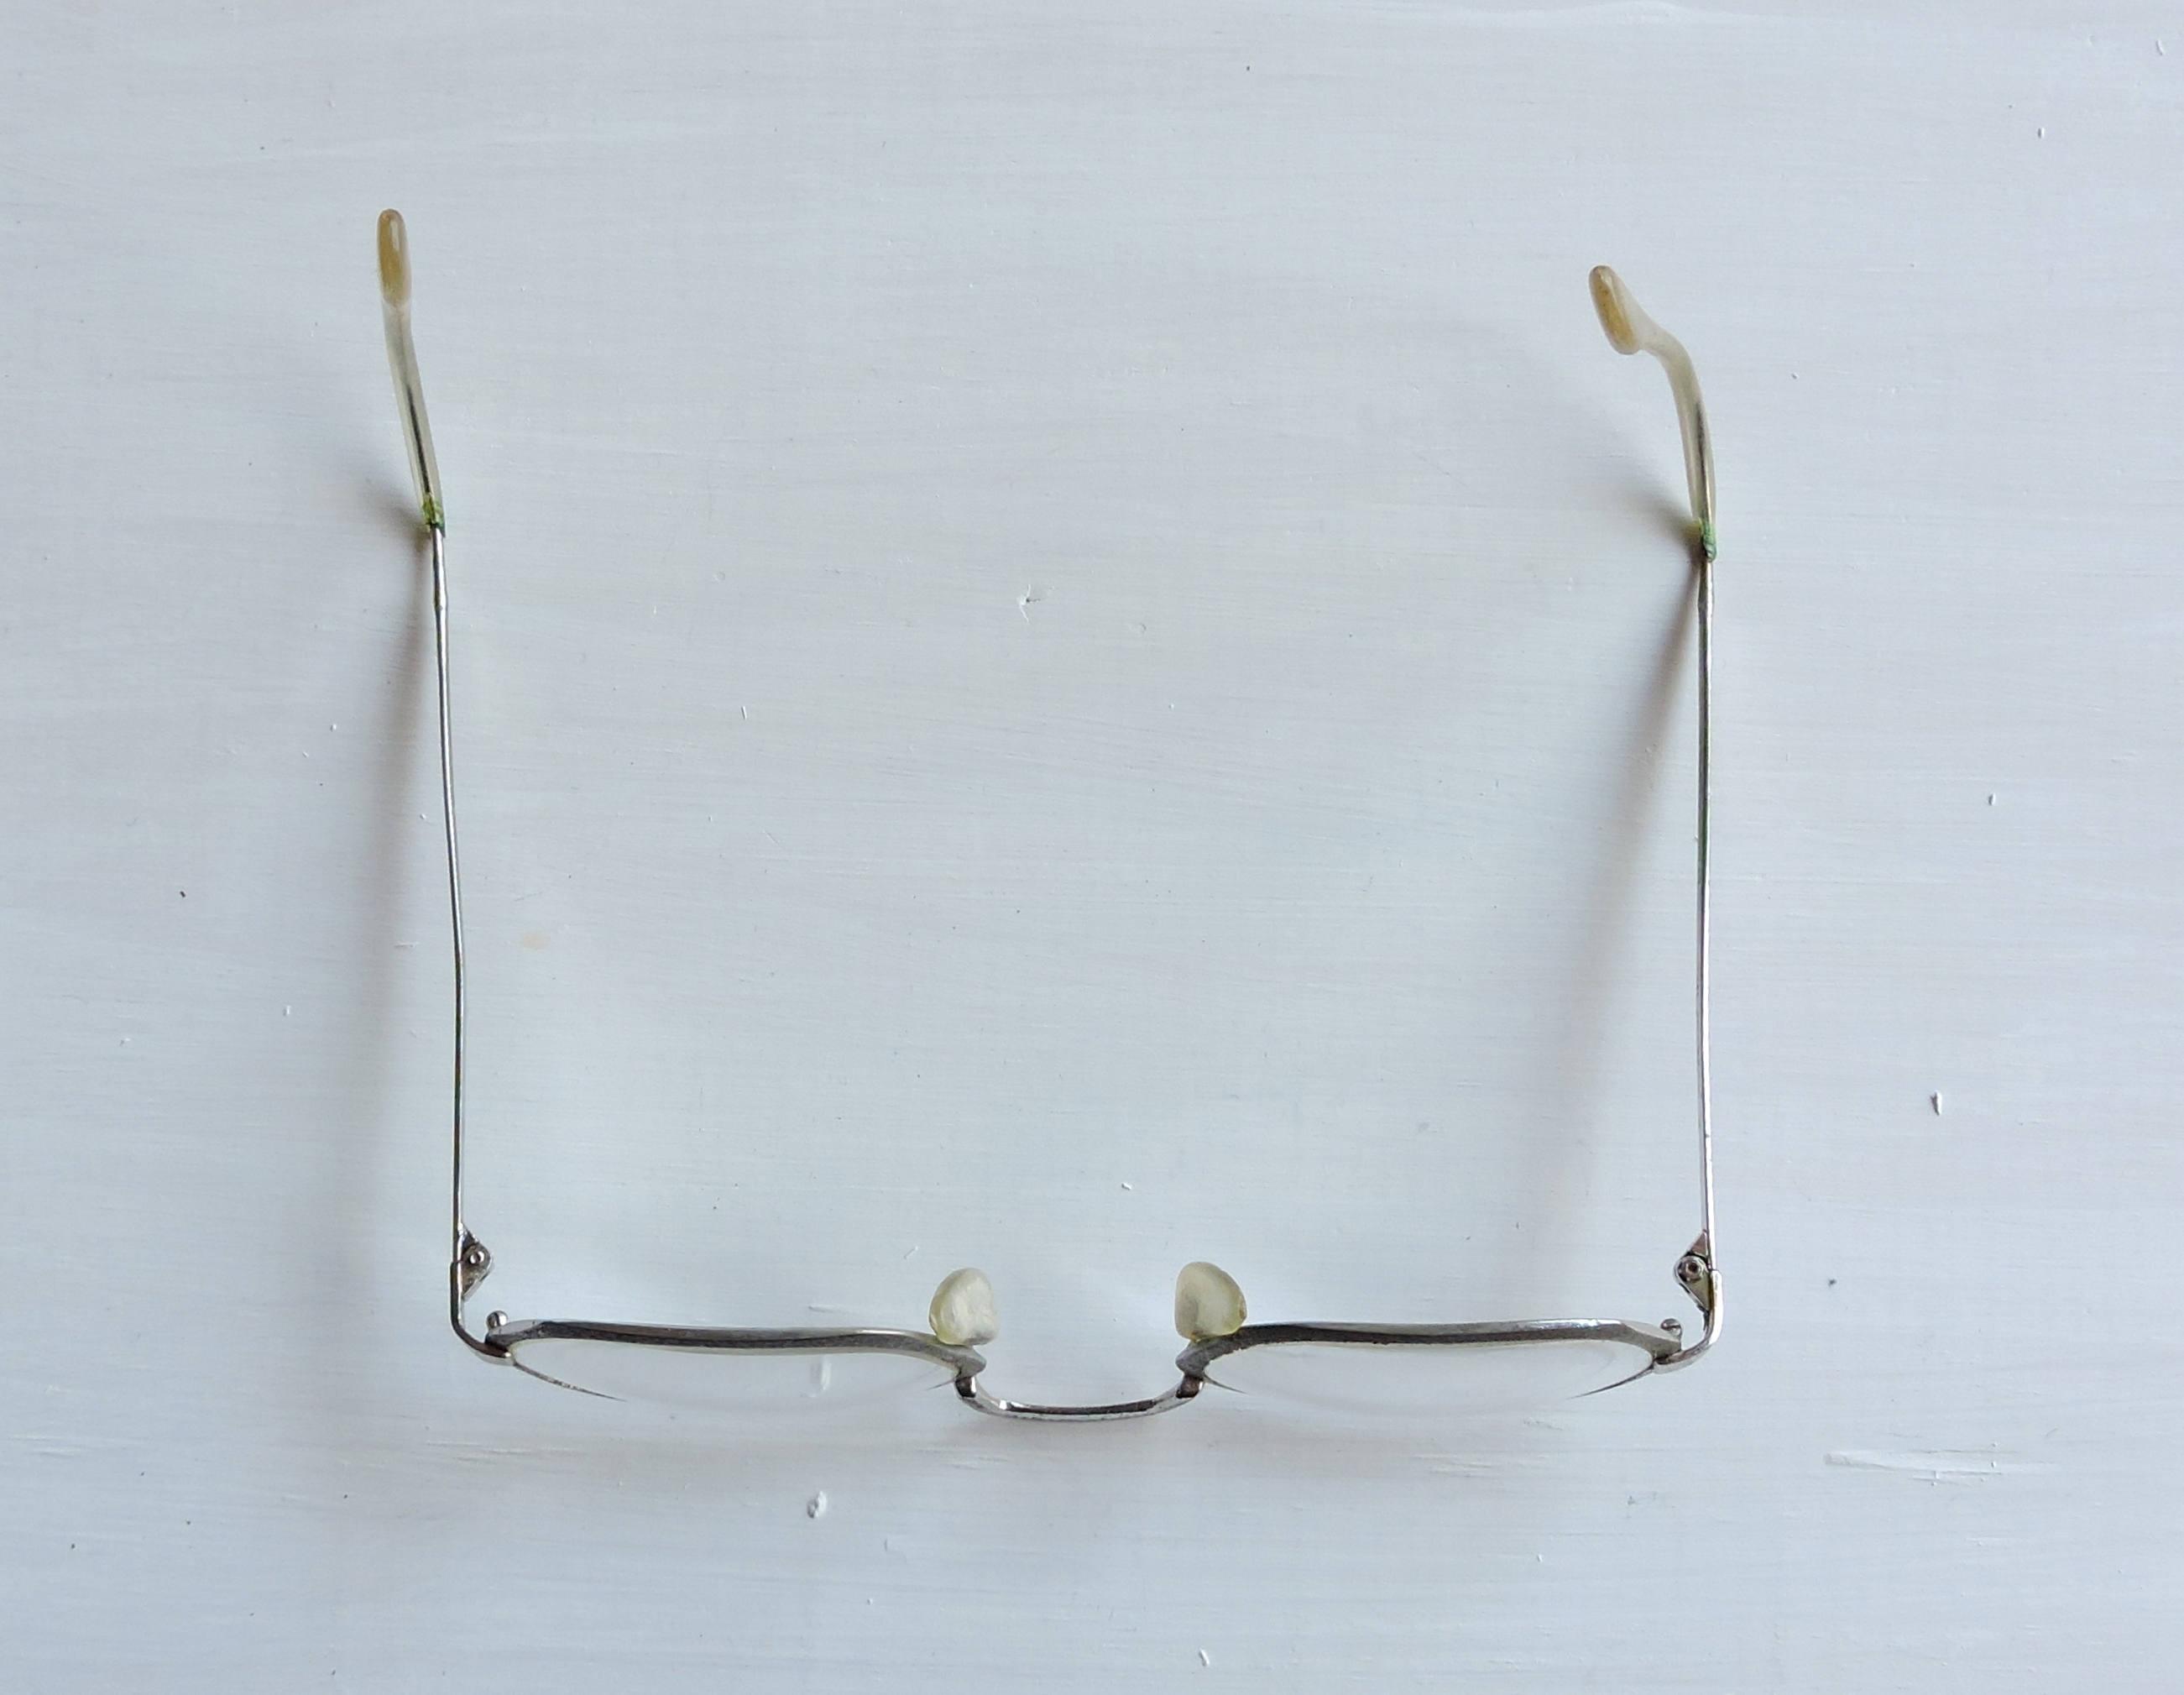 Small Vintage Eyeglasses, Brushed Silver Glasses, Renaissance Frames ...